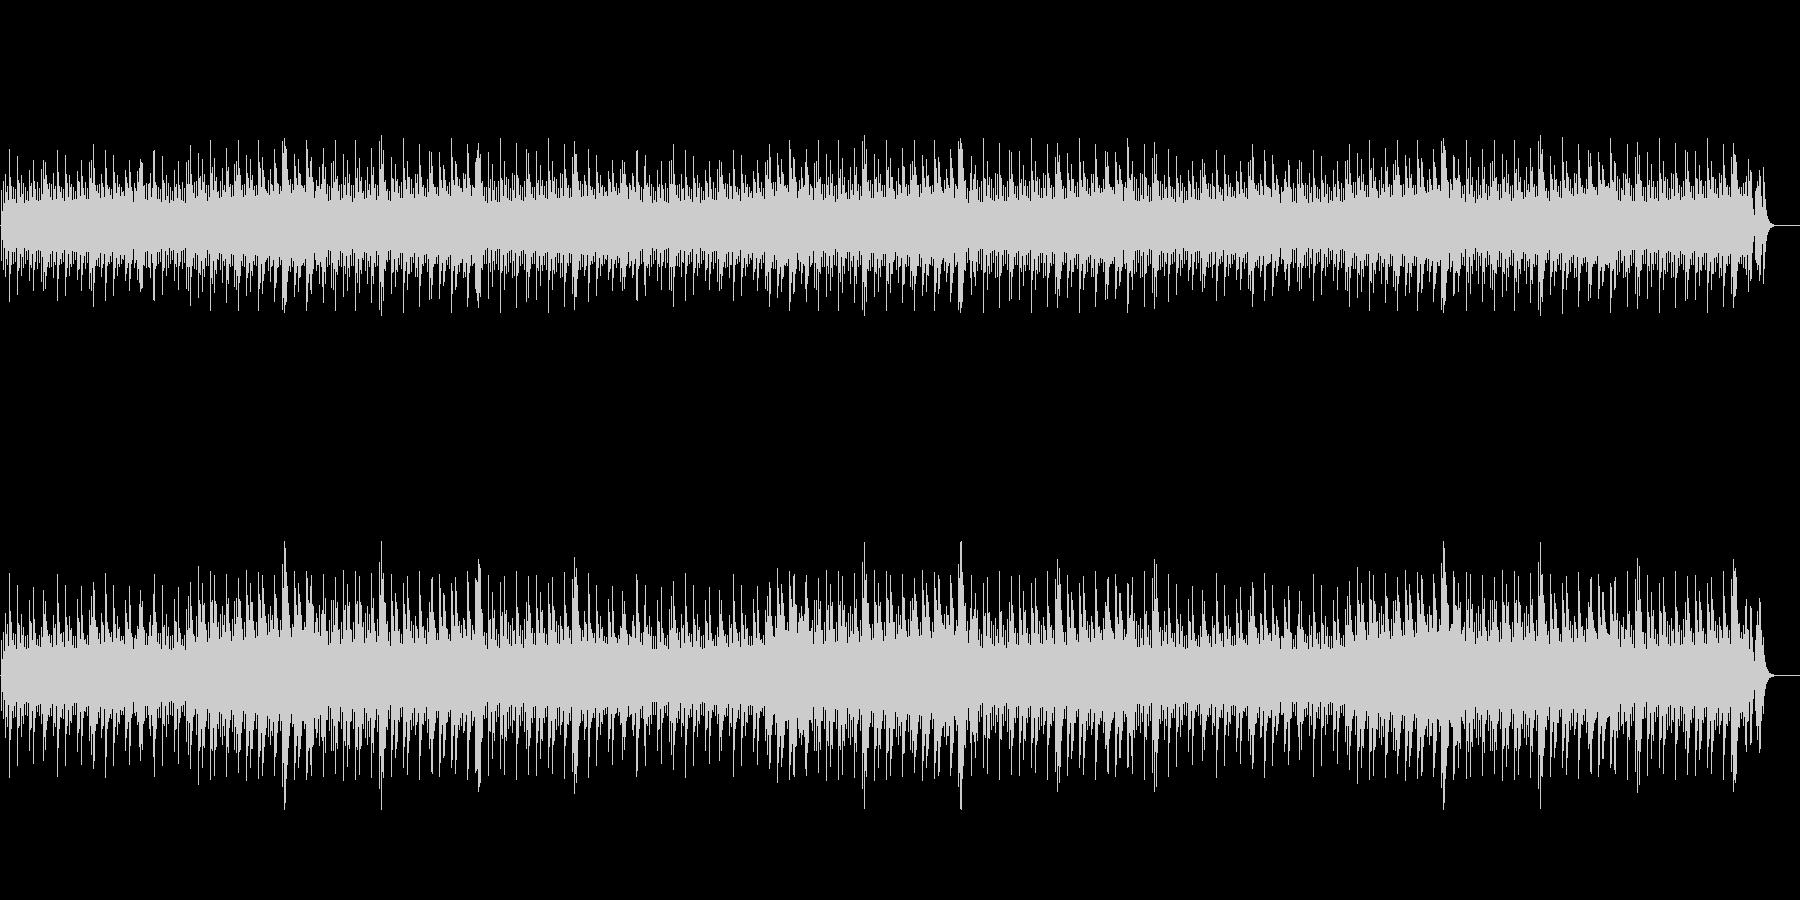 短調のオルゴール-迷宮BGMループの未再生の波形